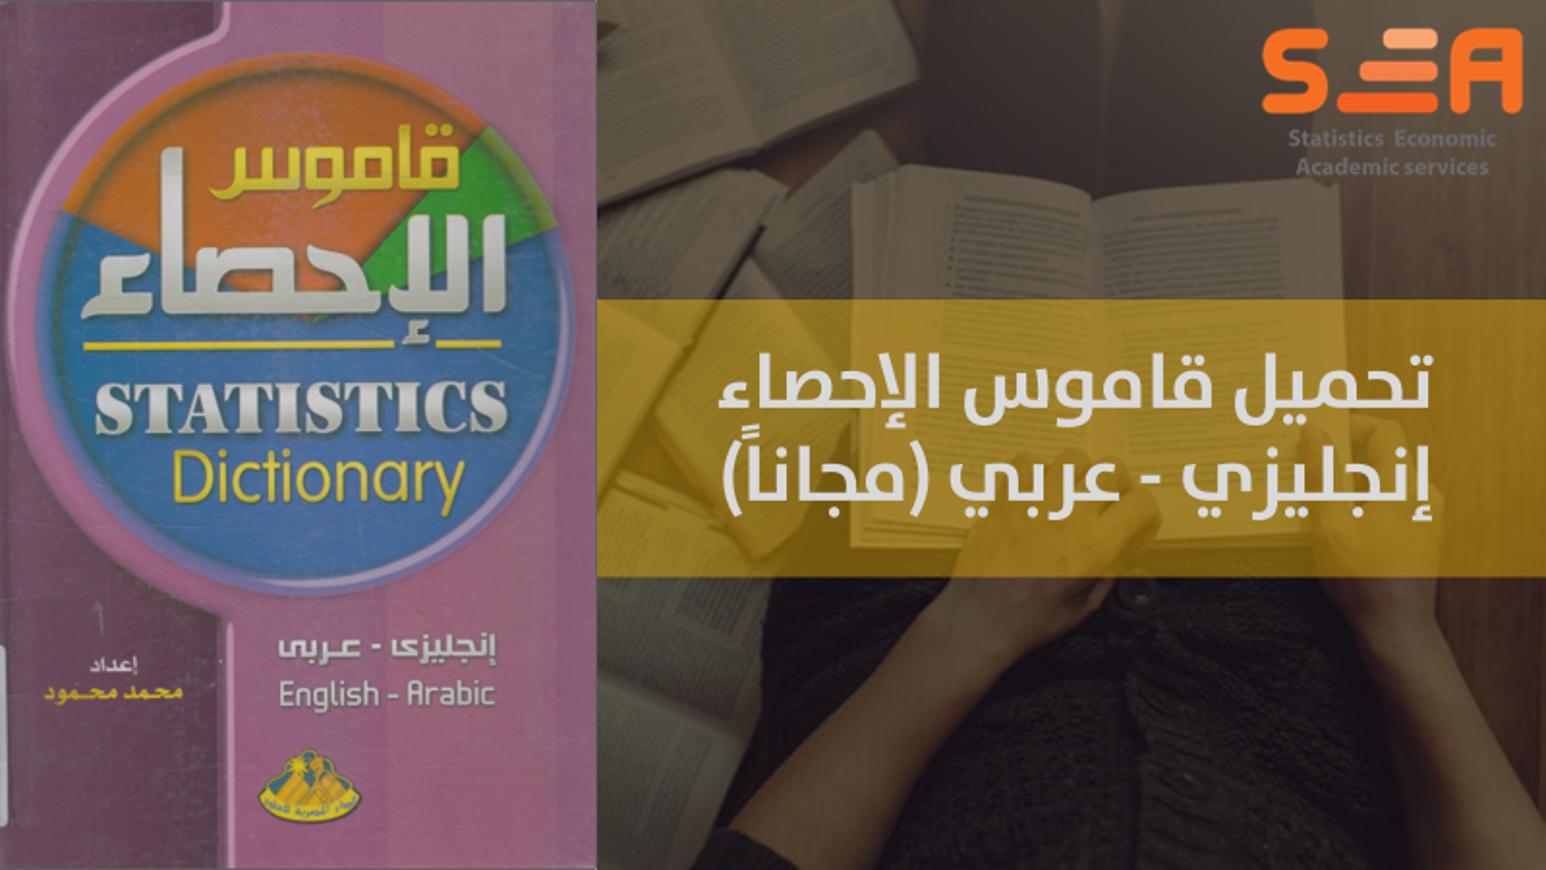 تحميل قاموس الإحصاء إنجليزي – عربي (مجاناً)